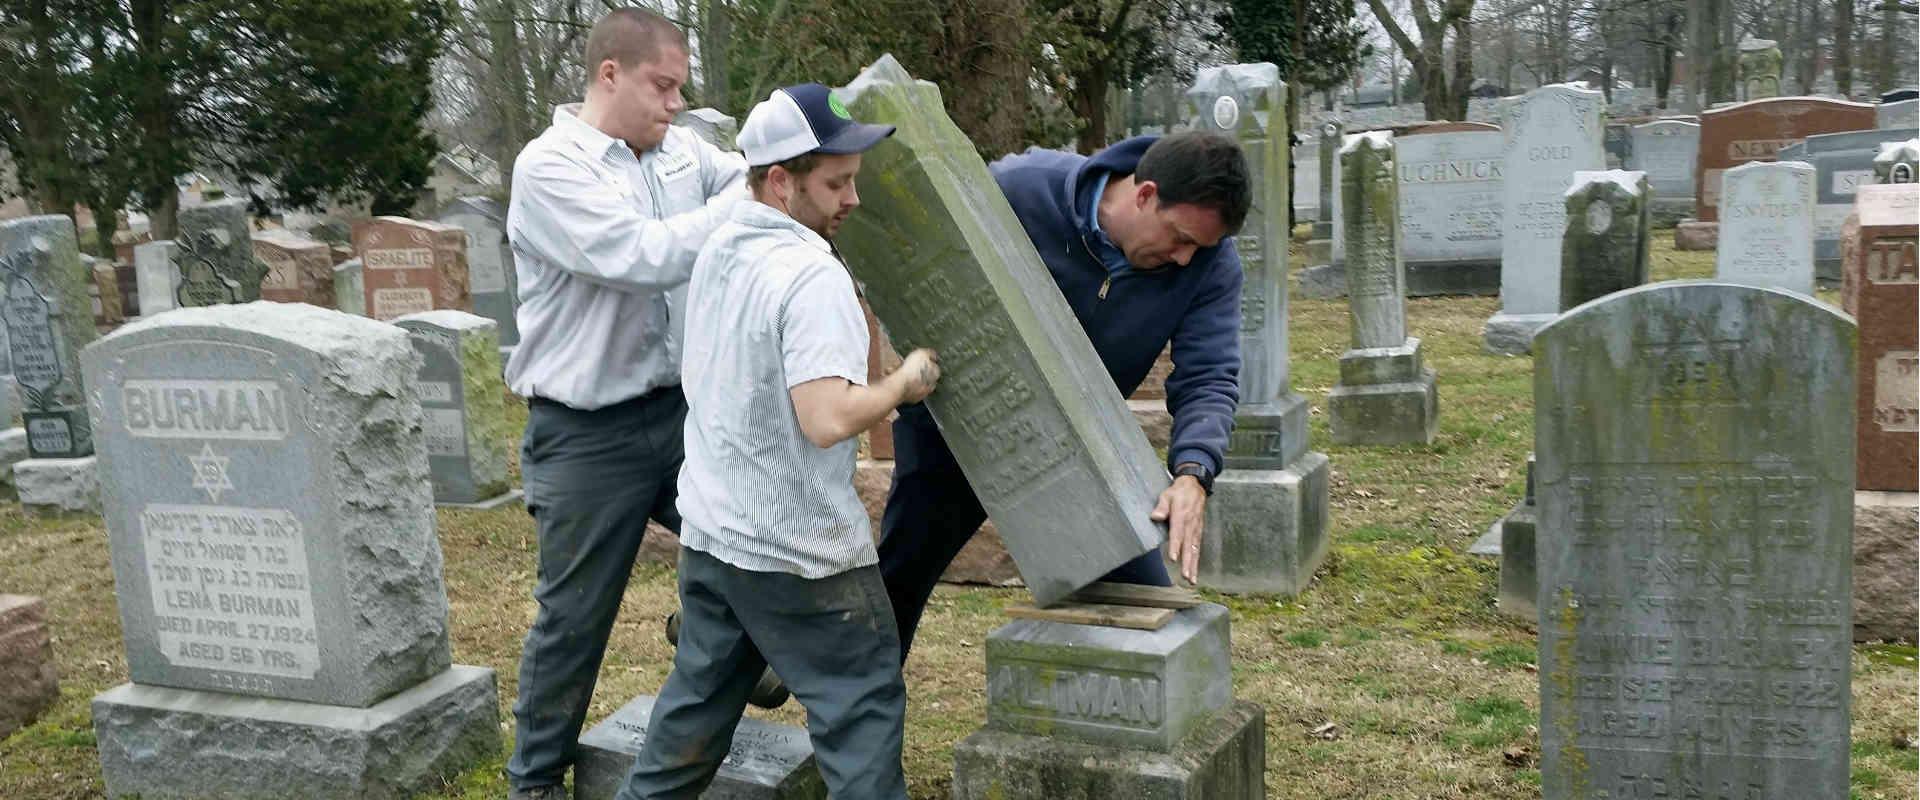 בית קברות יהודי שהושחת במיזורי